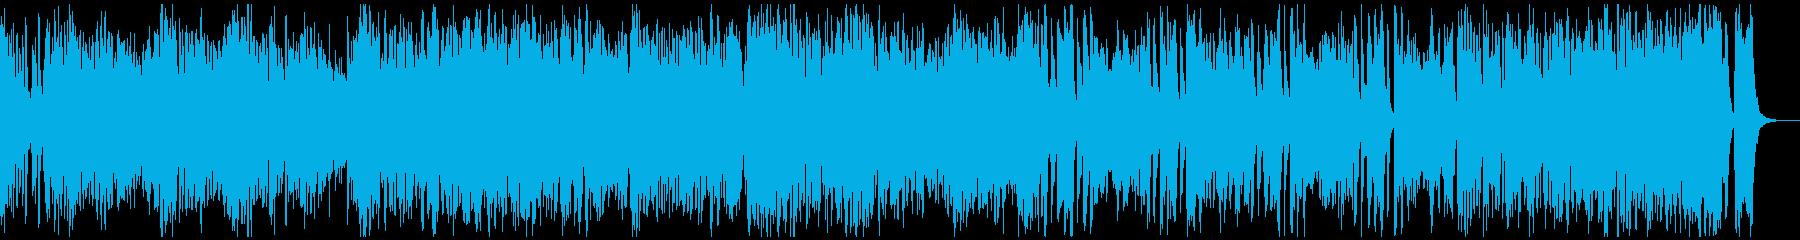 わくわく楽しい軽快なラグタイムピアノ03の再生済みの波形